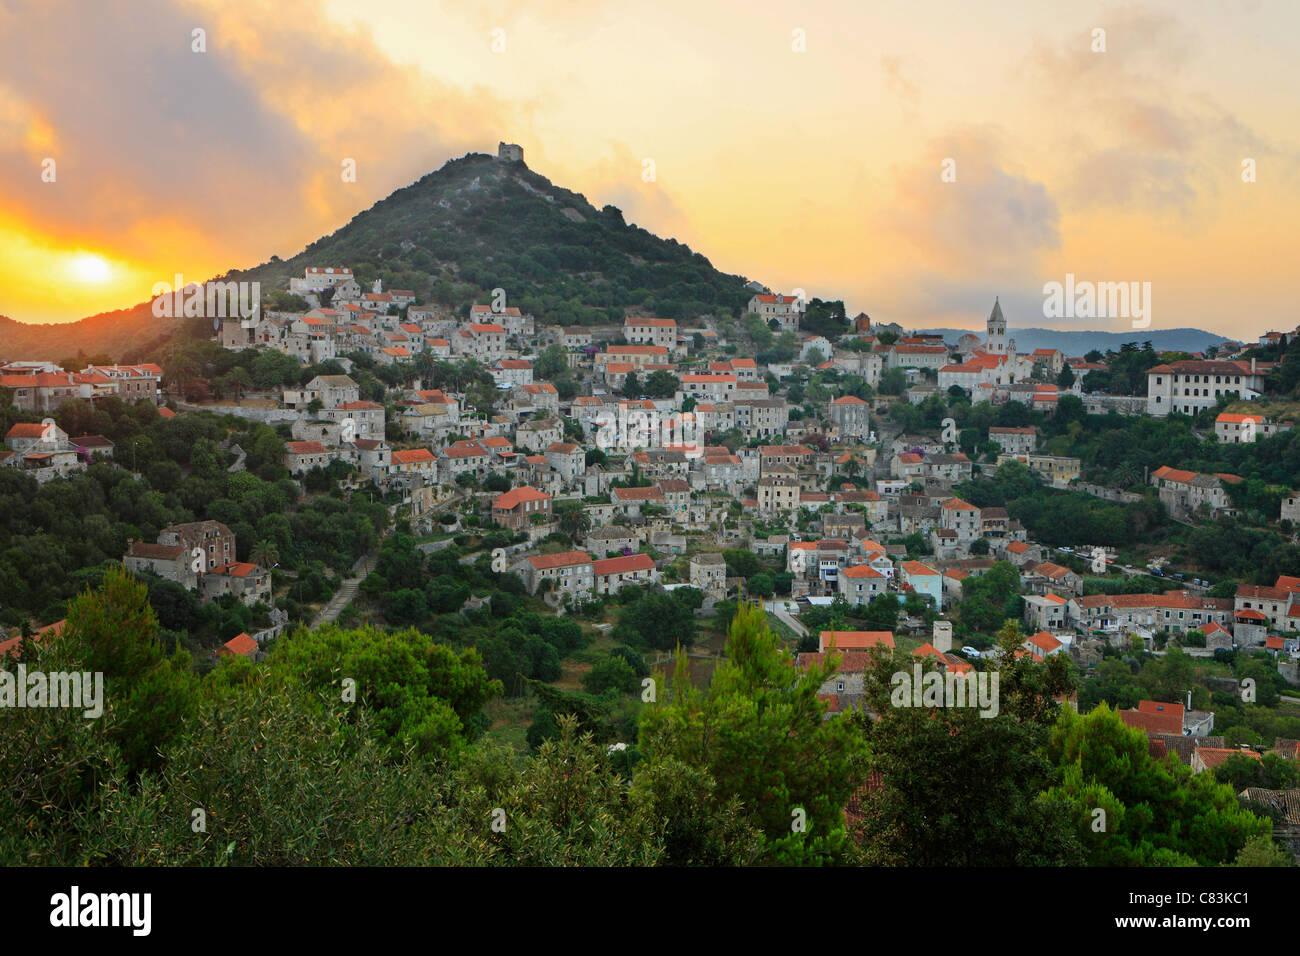 Amanecer en la ciudad de Lastovo, Croacia Imagen De Stock